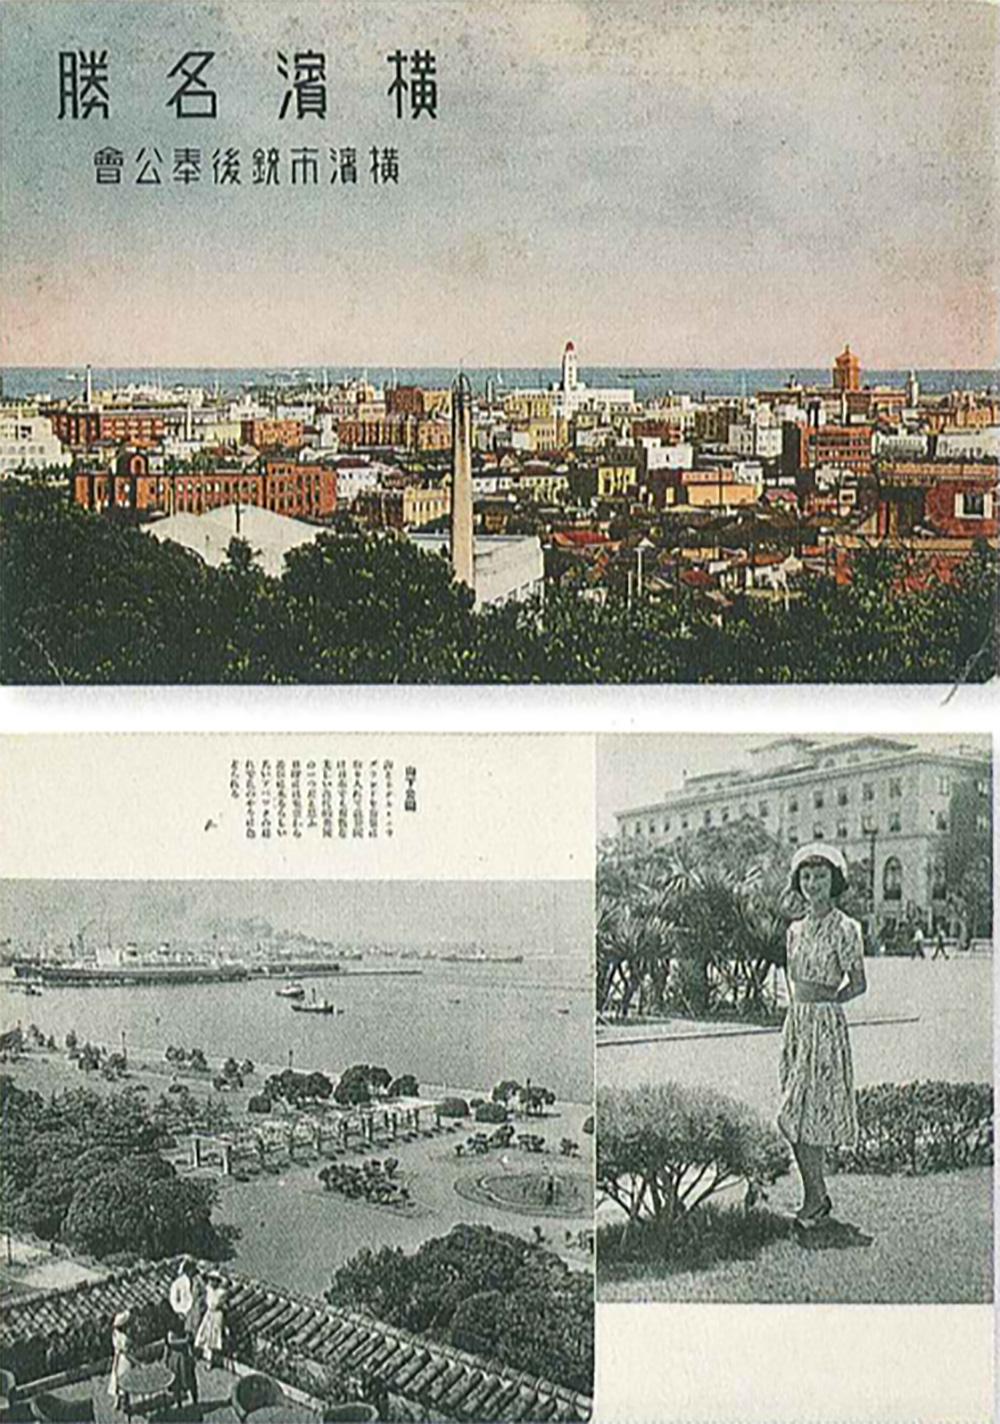 横浜名勝(横浜都市発展記念館所蔵)